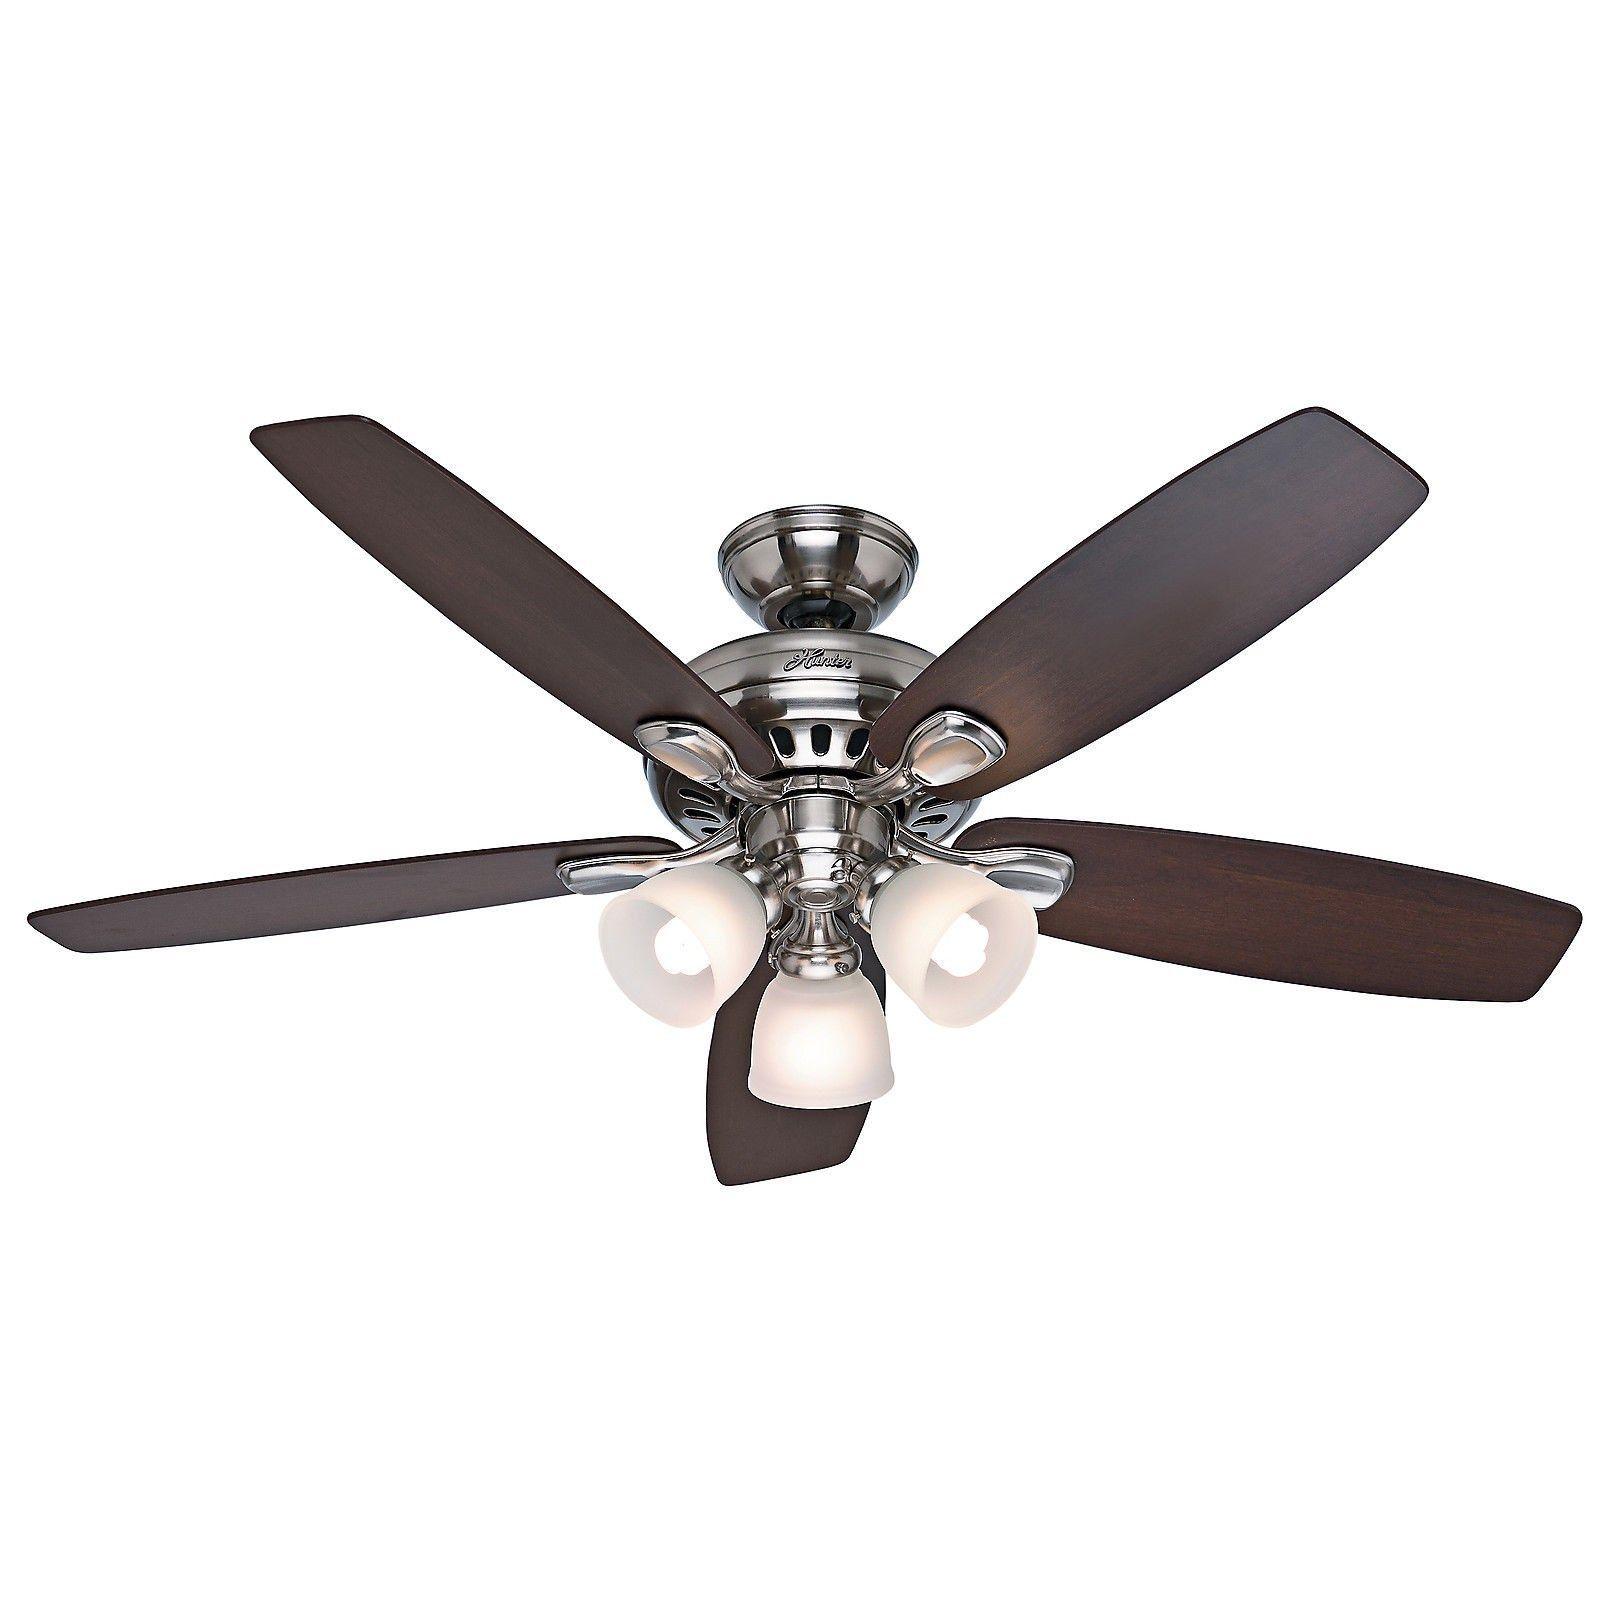 5 light ceiling fan photo - 2